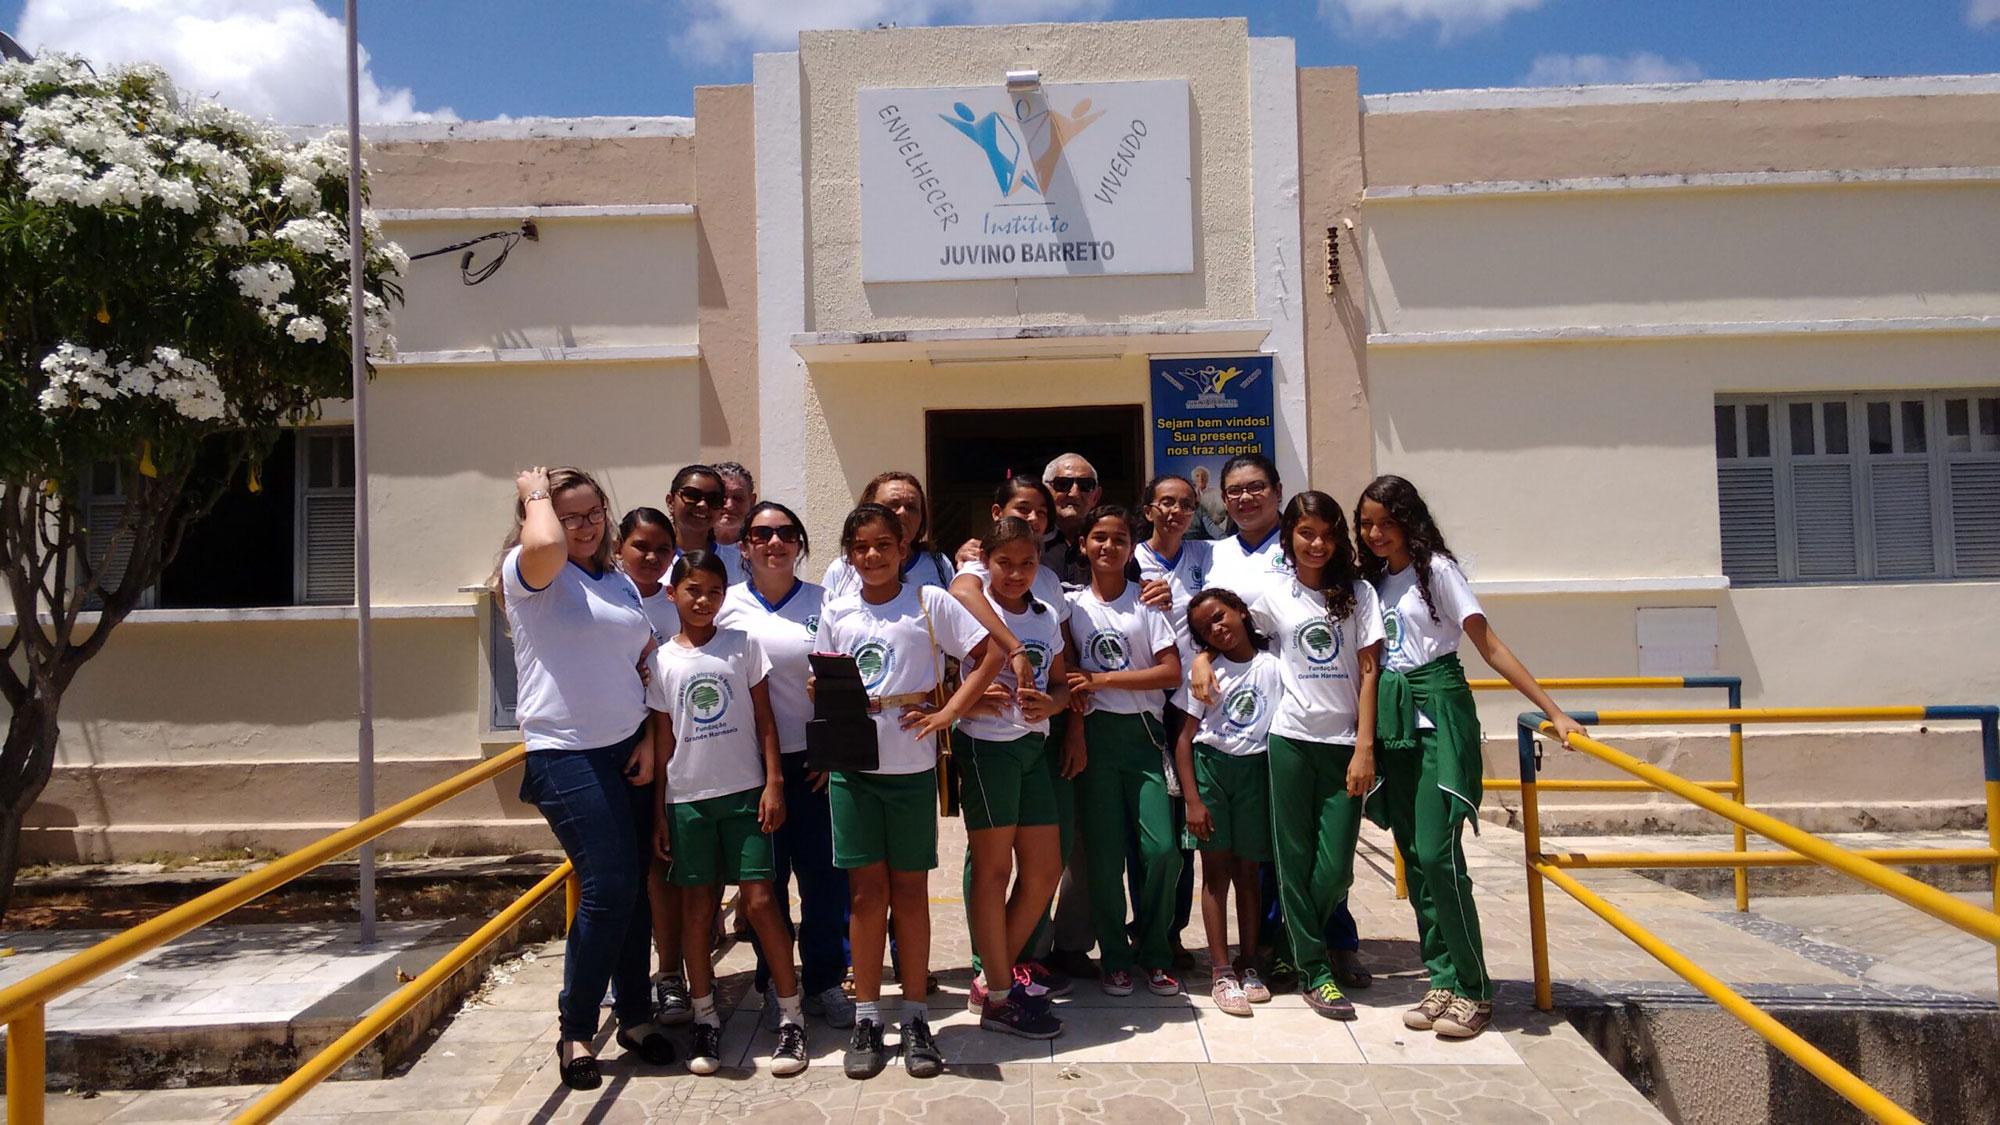 CEIMAR Centro de Educação Integrada de Maracajaú